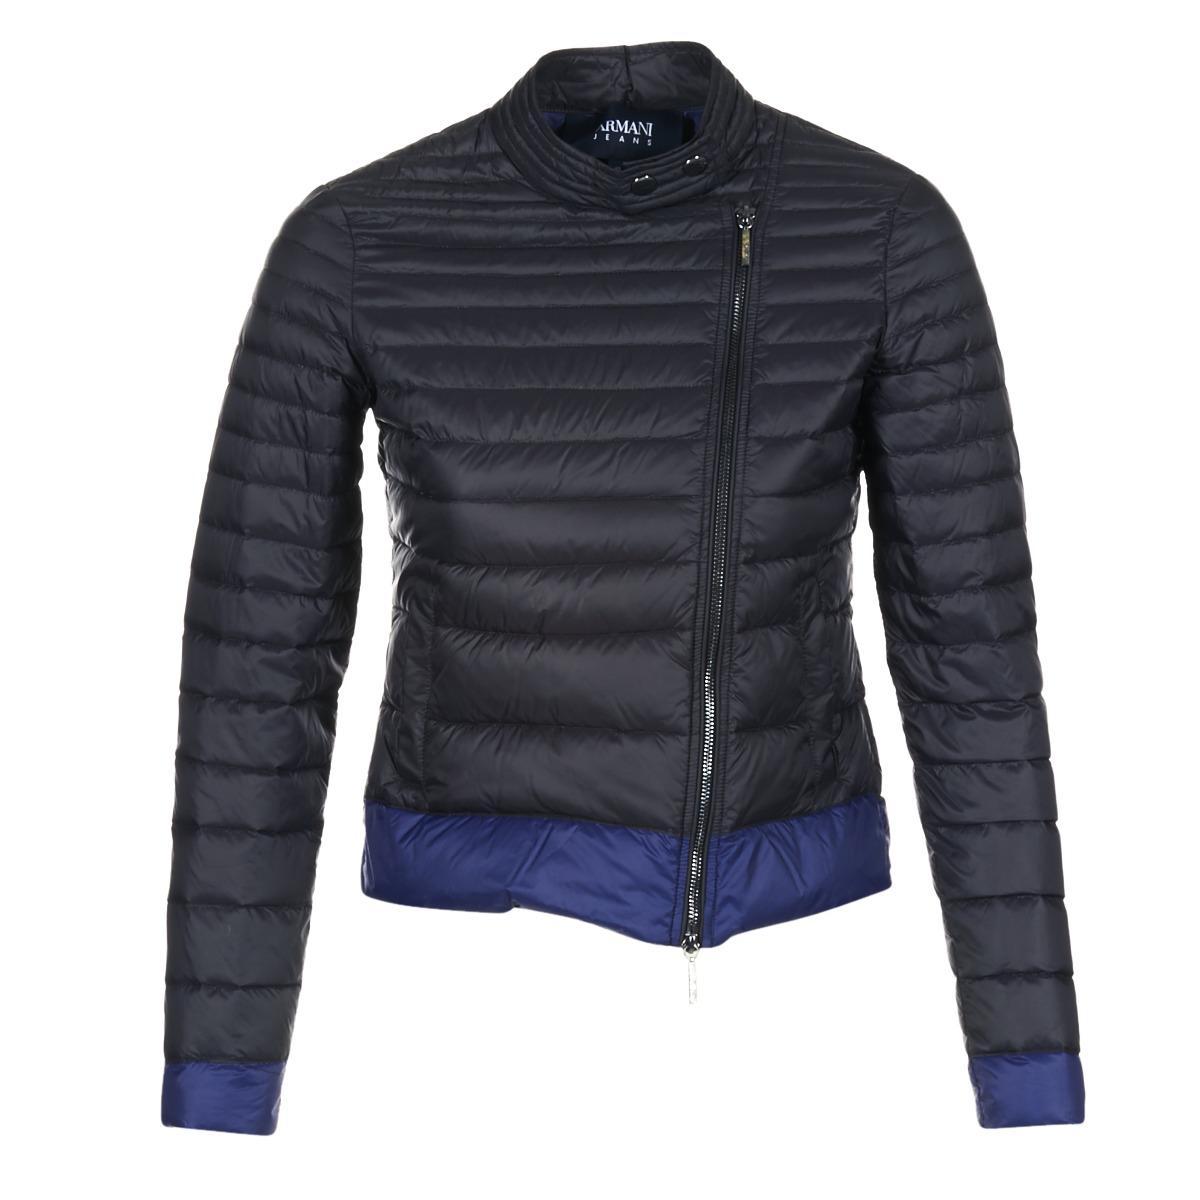 Armani Jeans Beaujado Women s Jacket In Black in Black - Lyst 98e23458dd8